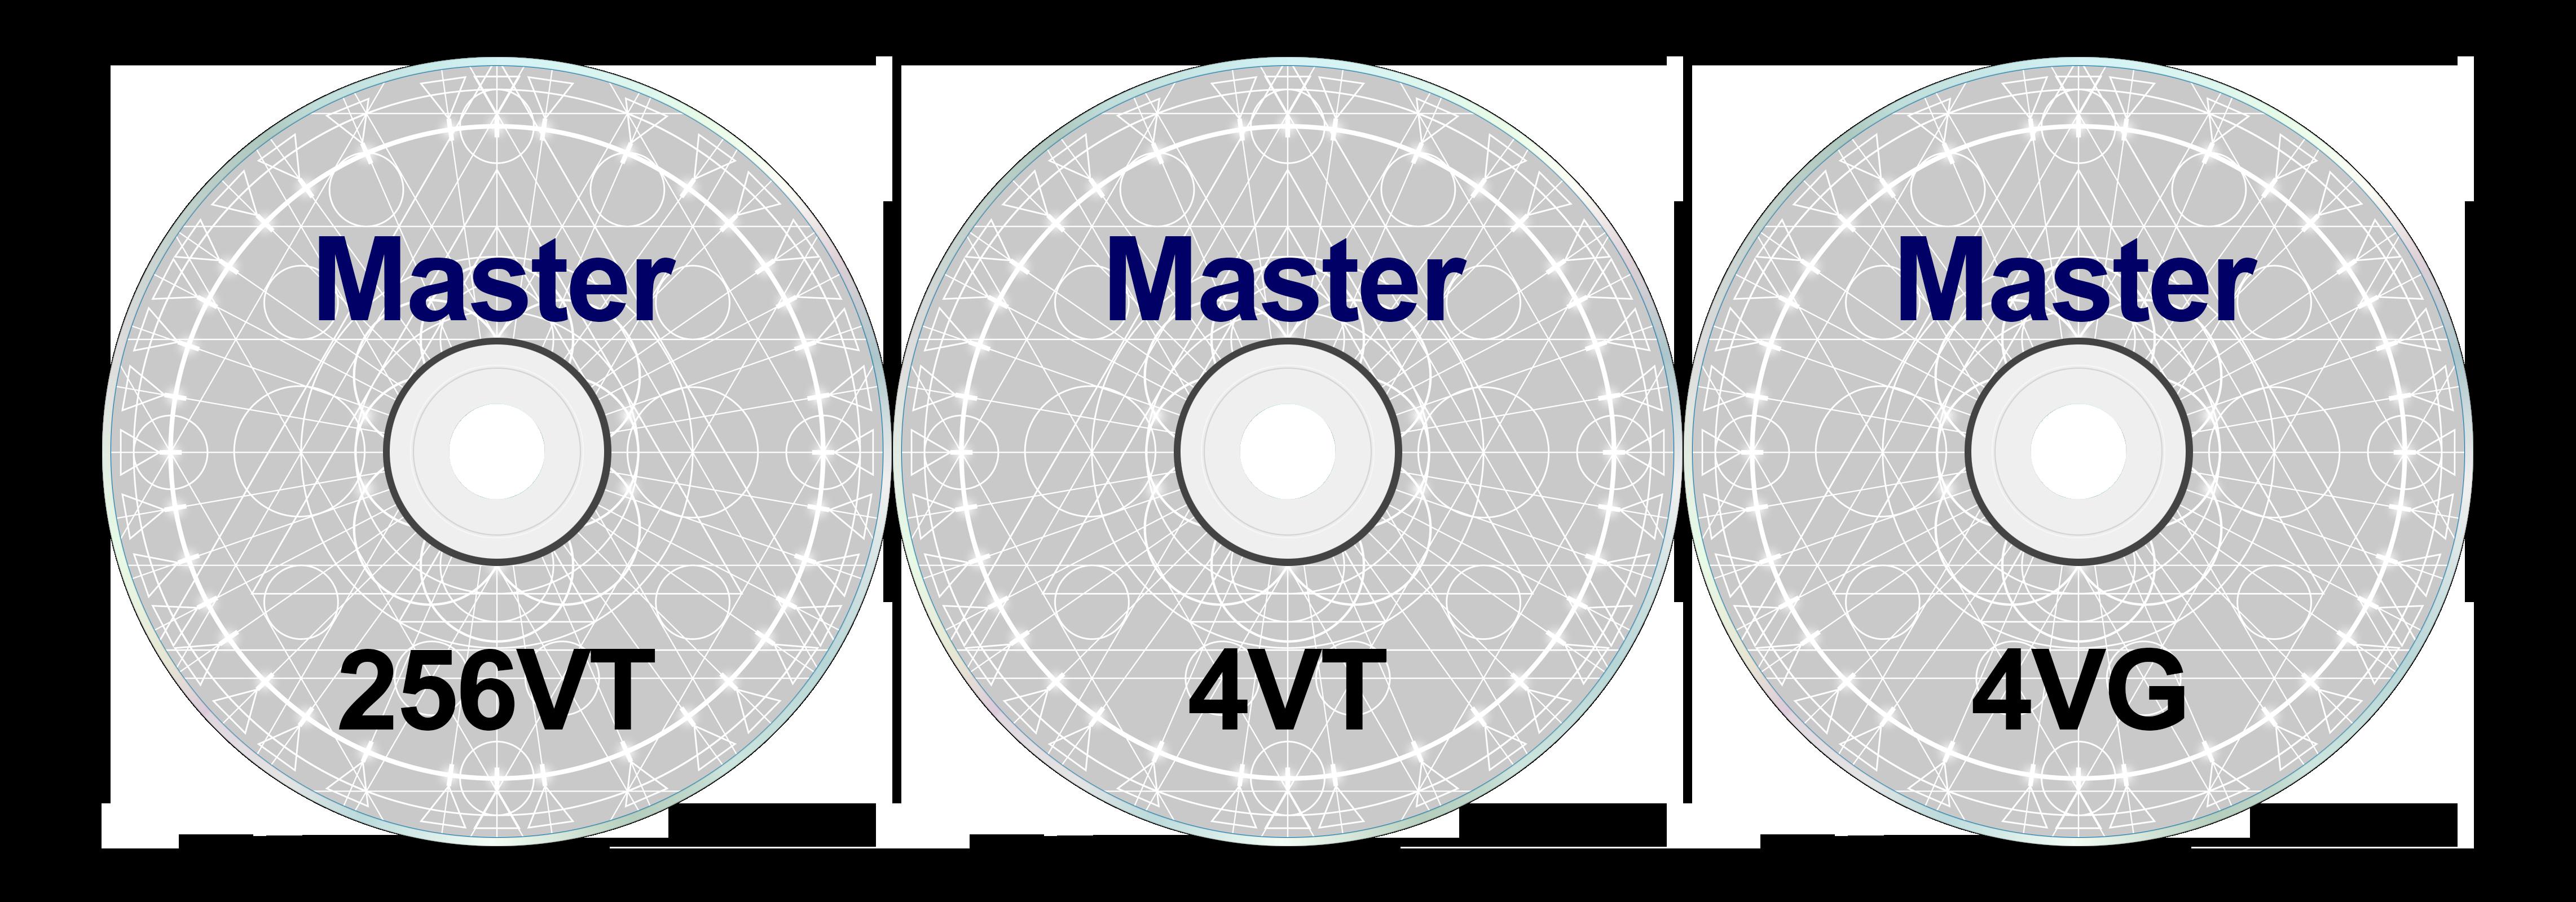 Master Sex